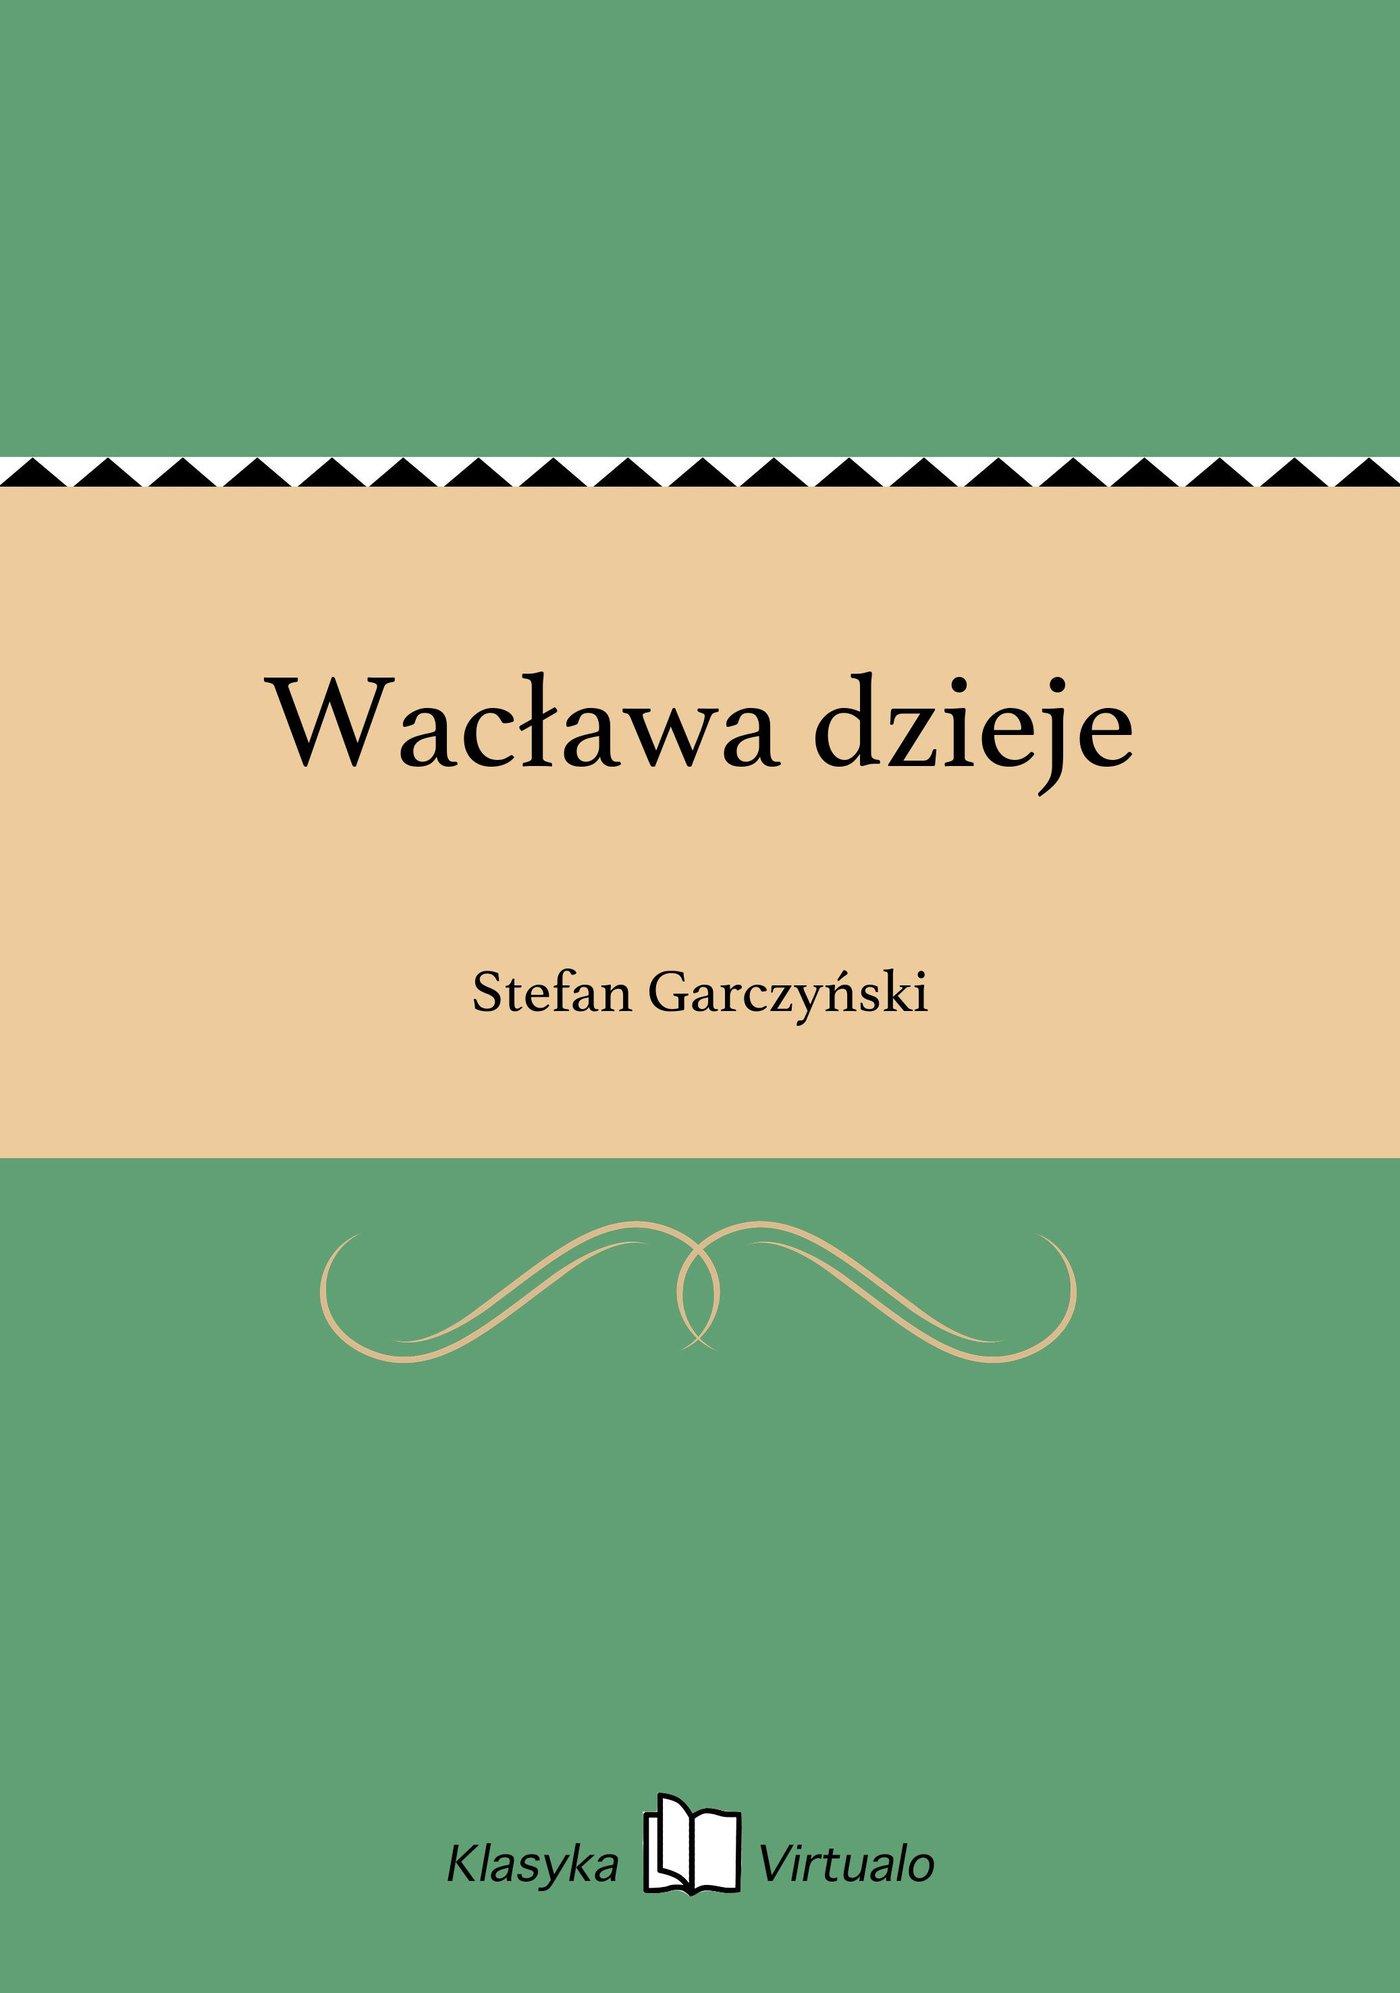 Wacława dzieje - Ebook (Książka EPUB) do pobrania w formacie EPUB